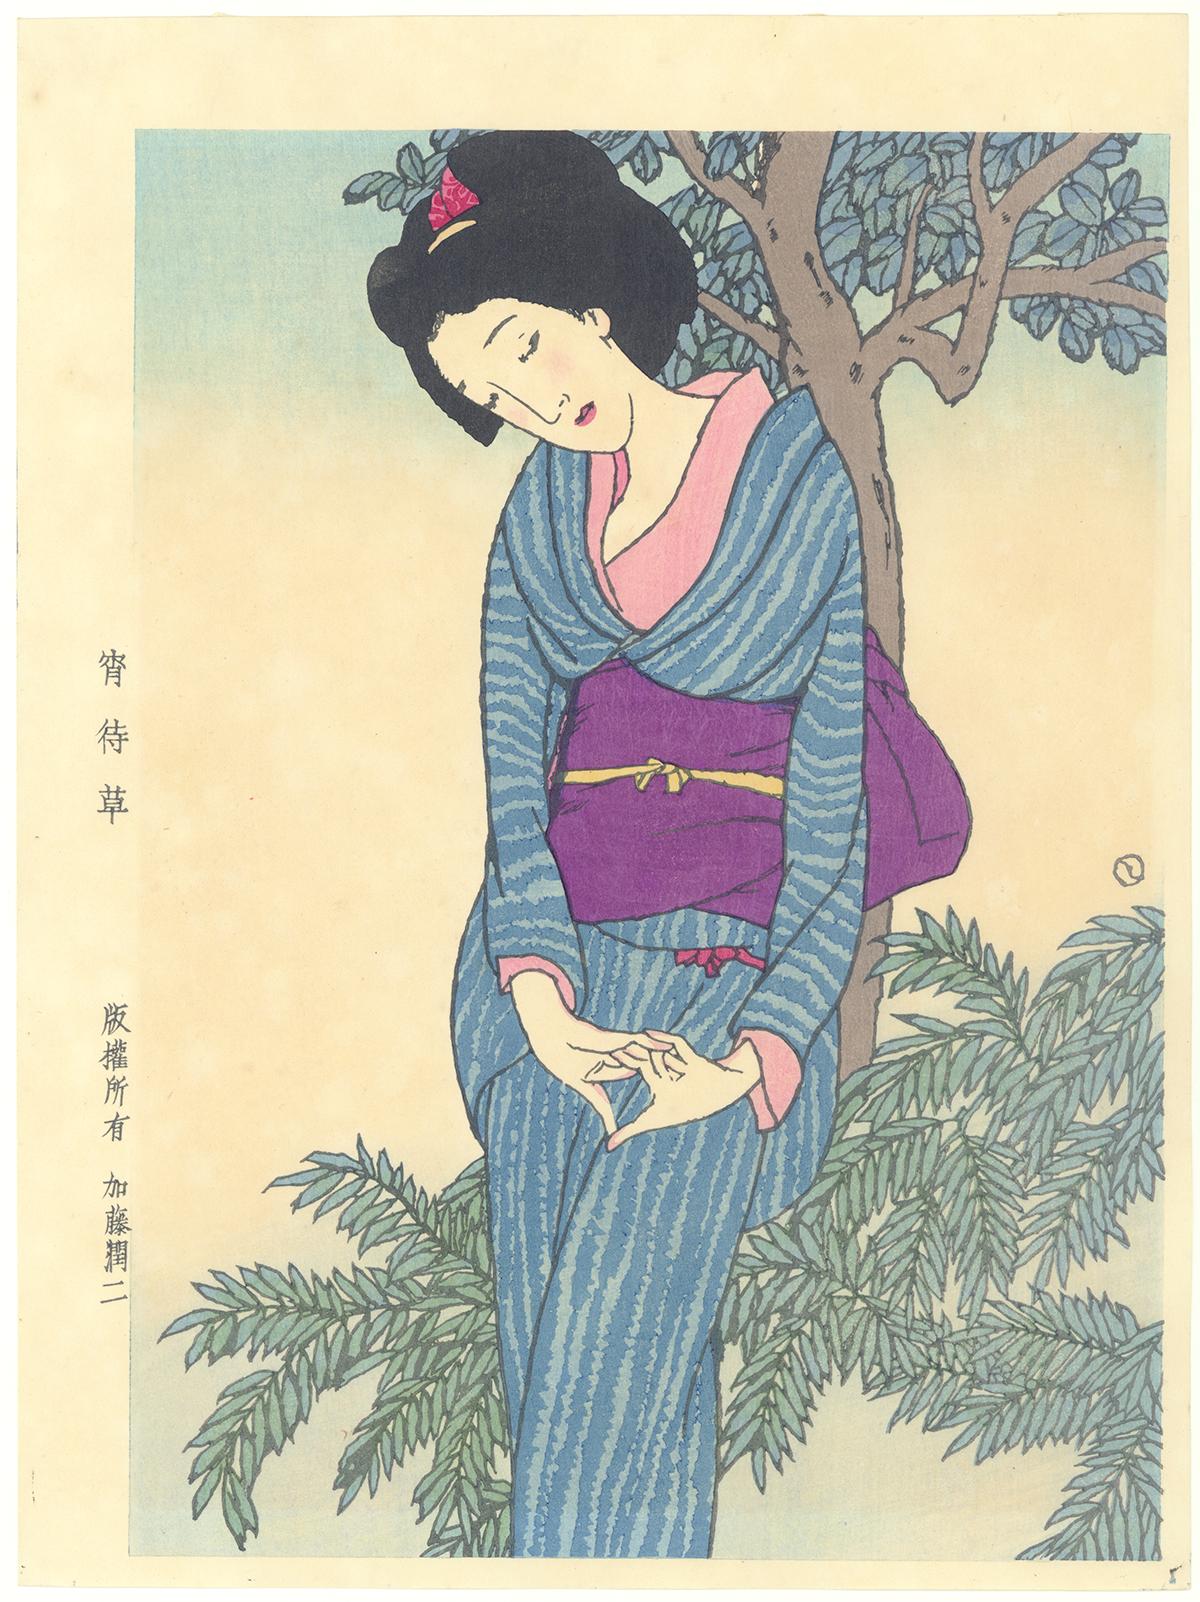 Yoimachigusa (Evening Primrose) , Takehisa Yumeji Nihon no Hanga Museum, 1938-1938  Credit: Nihon no Hanga Museum